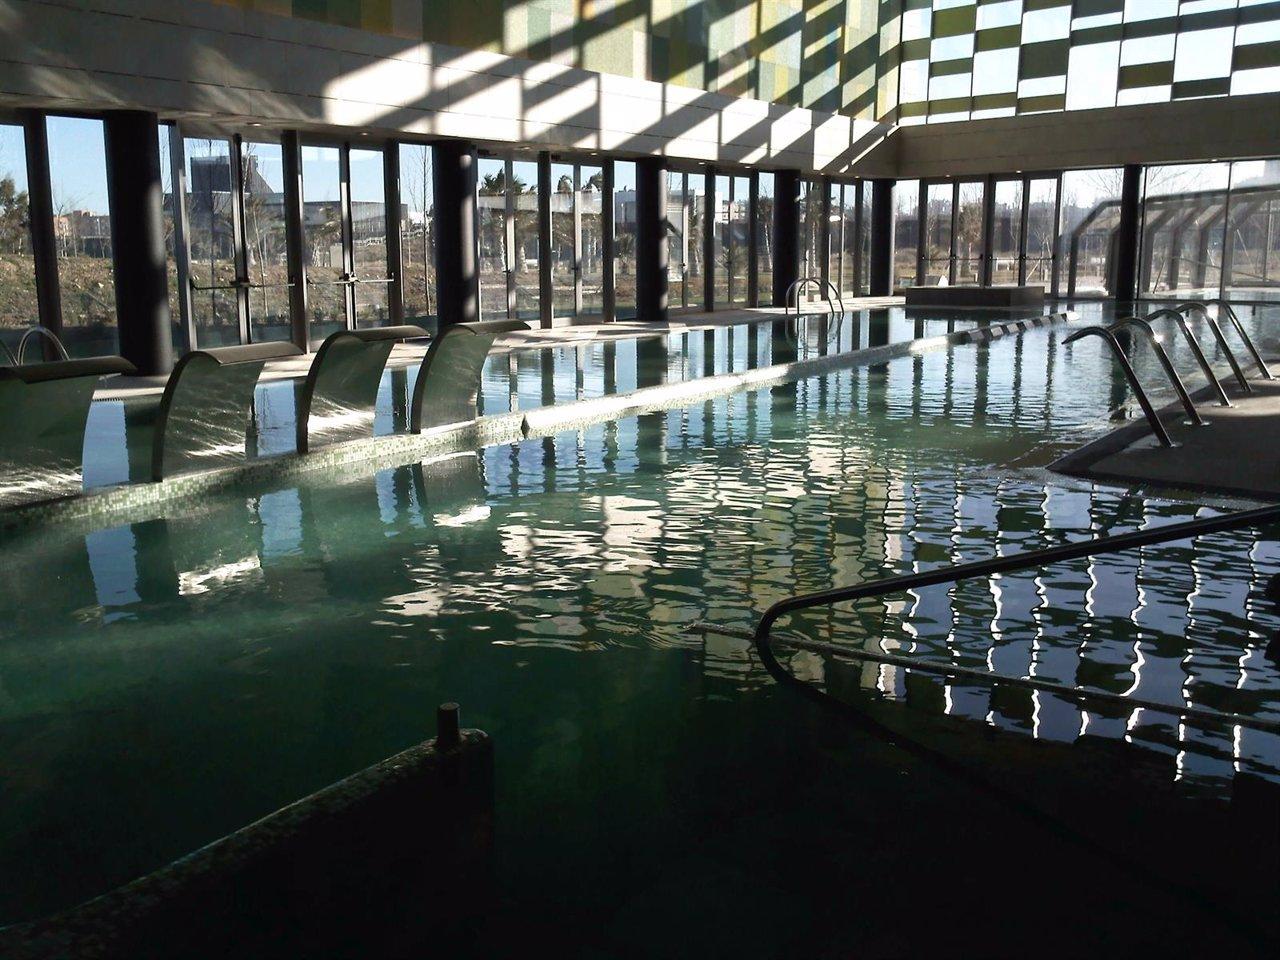 Comienza la nueva temporada de las piscinas cubiertas for Piscina siglo xxi zaragoza